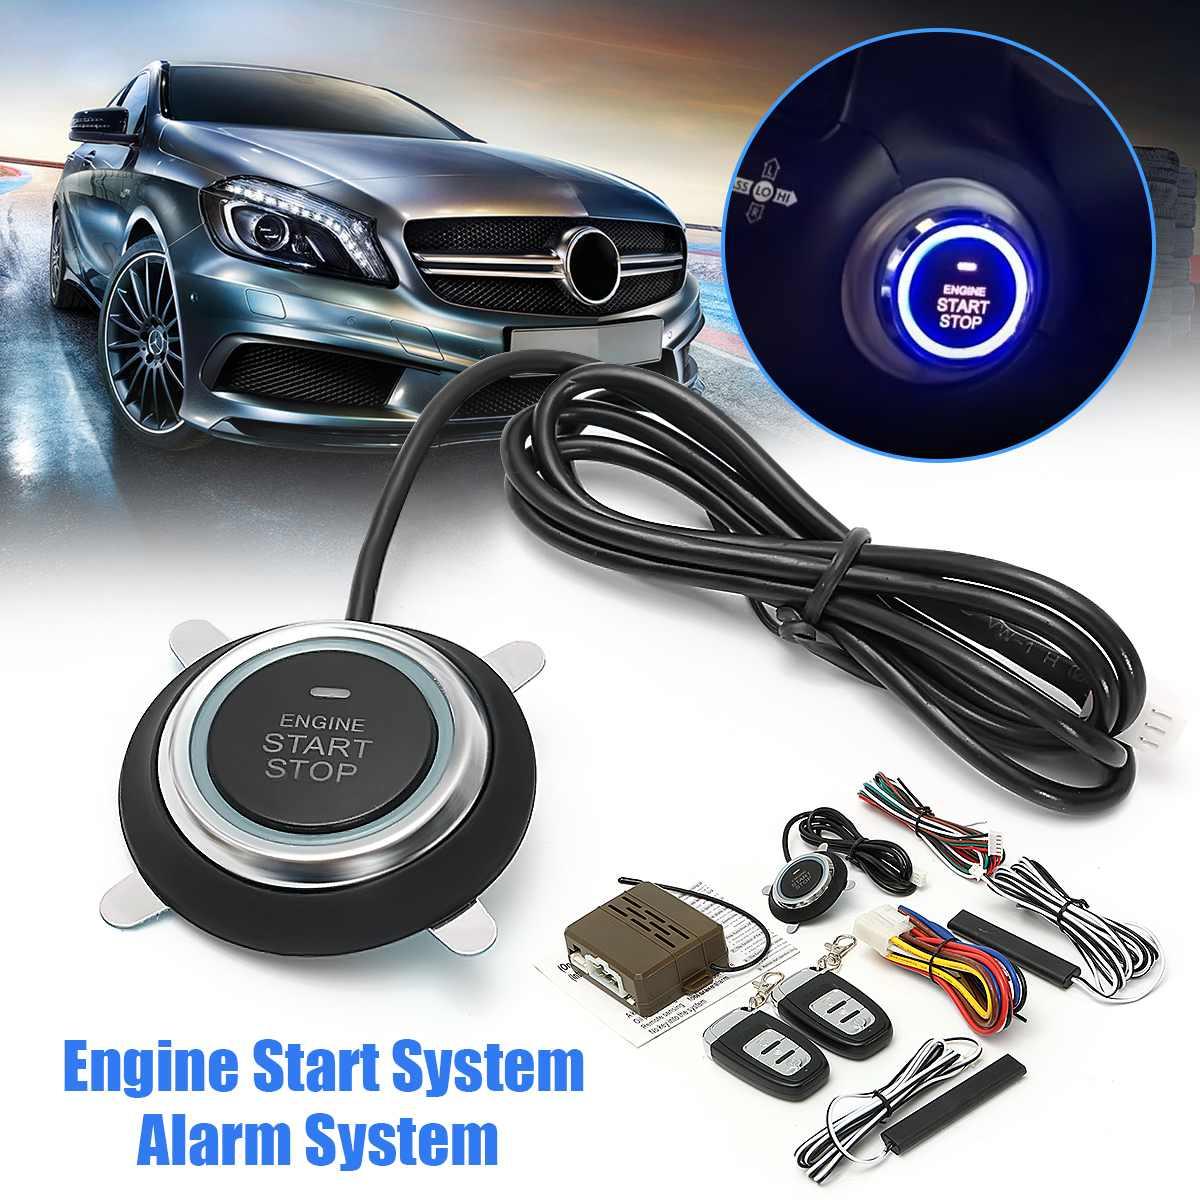 Système de démarrage d'alarme de voiture Safurance clé intelligente entrée sans clé Passive bouton poussoir système de sécurité antivol accessoires Auto de voiture